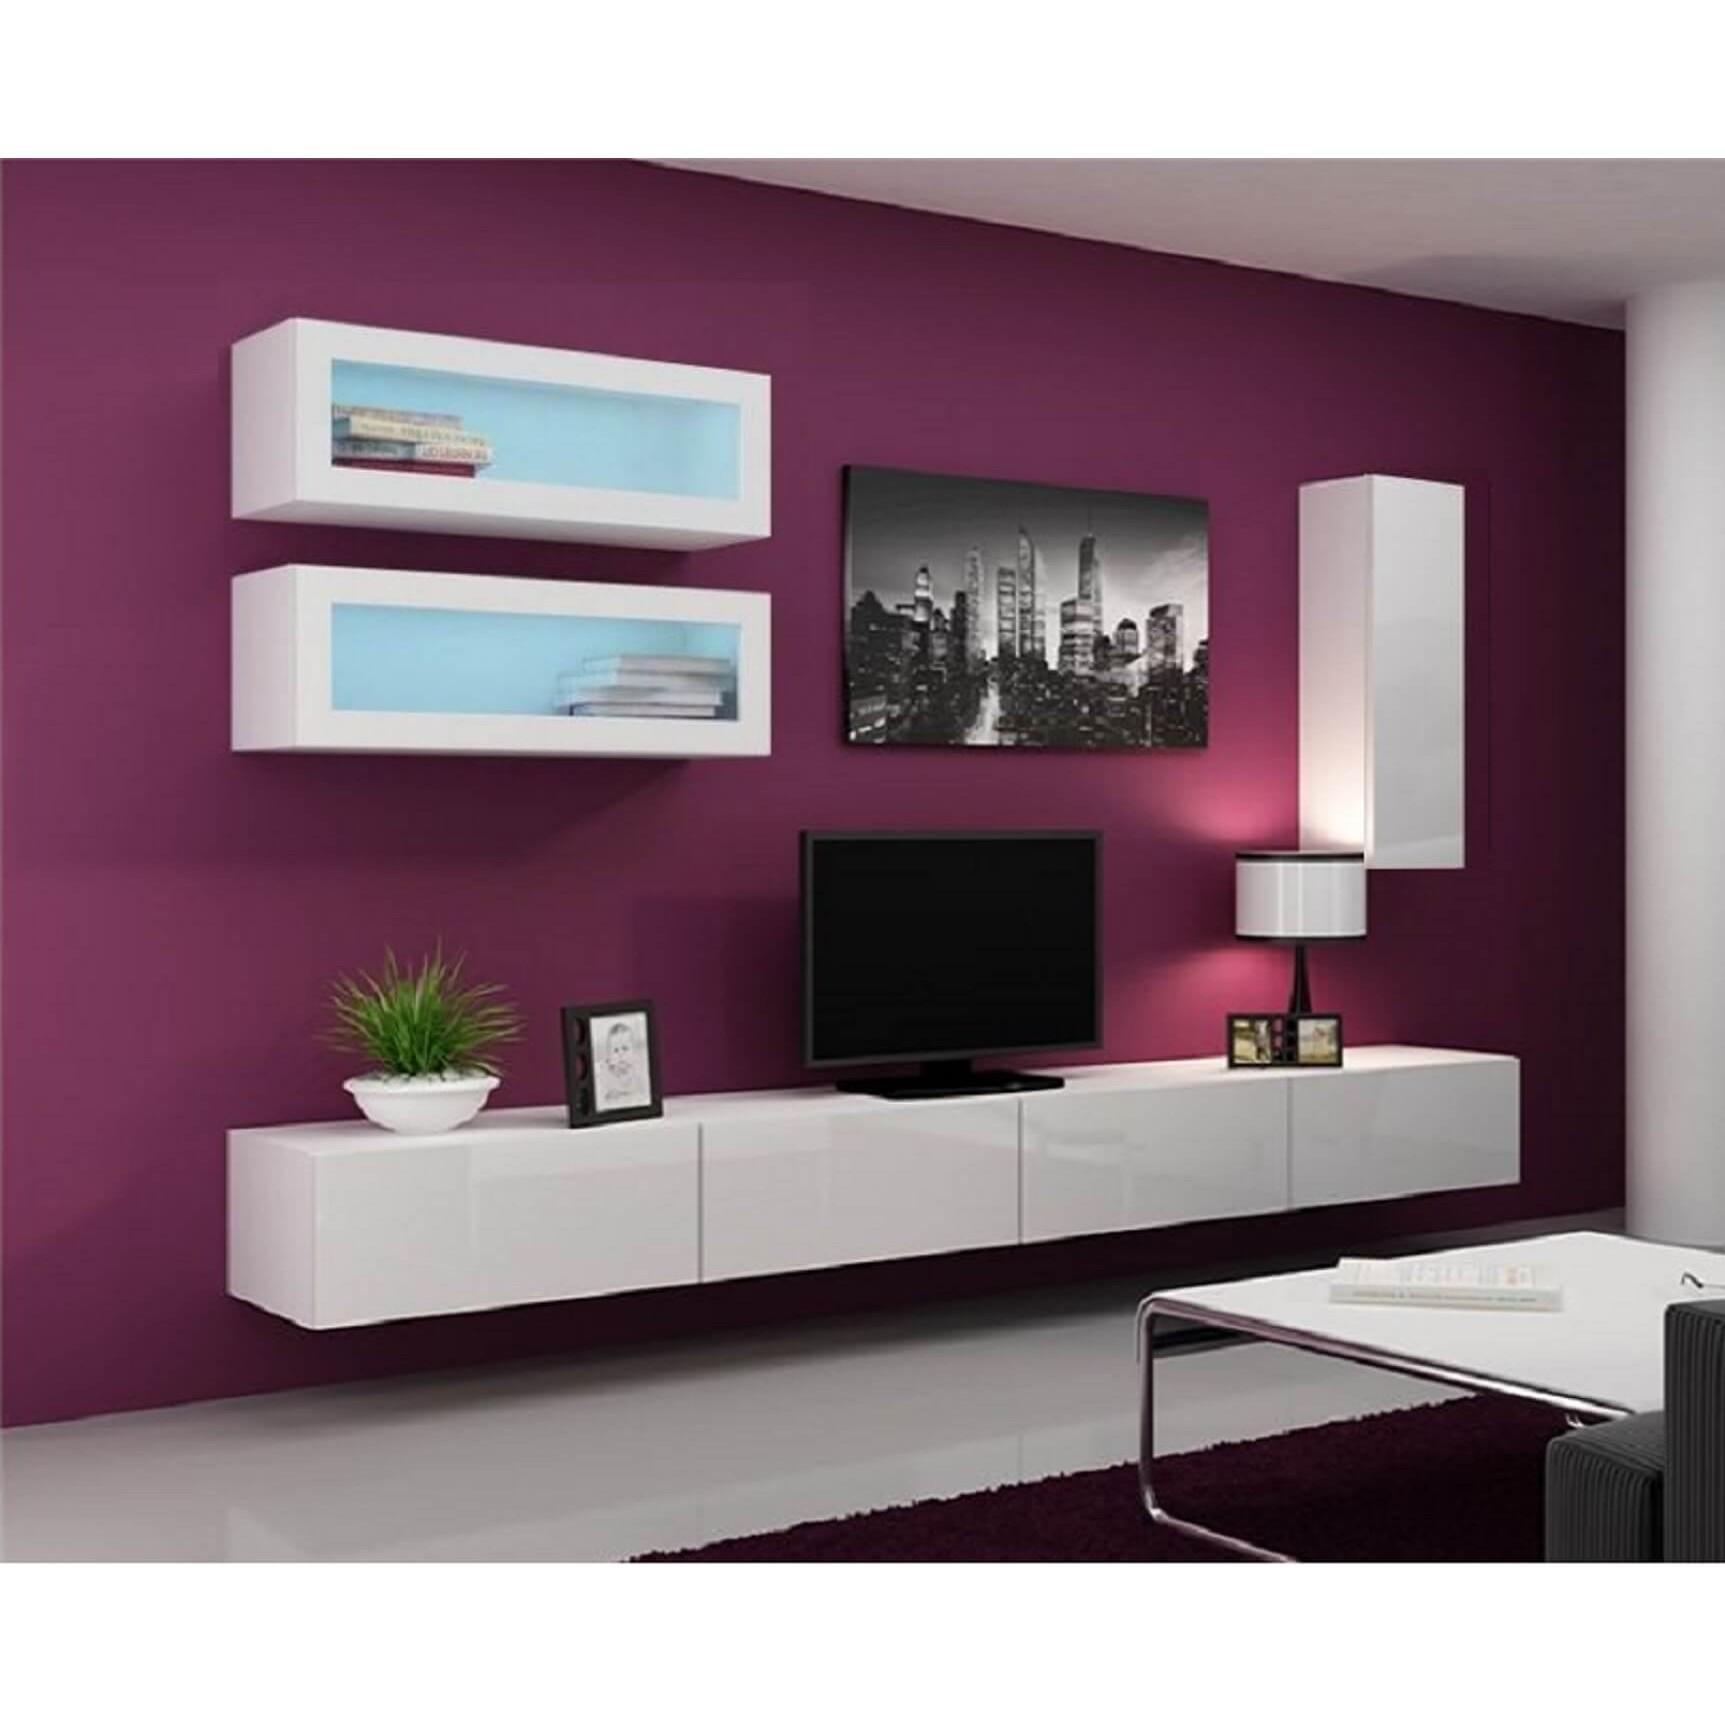 Kitea maroc meuble tv